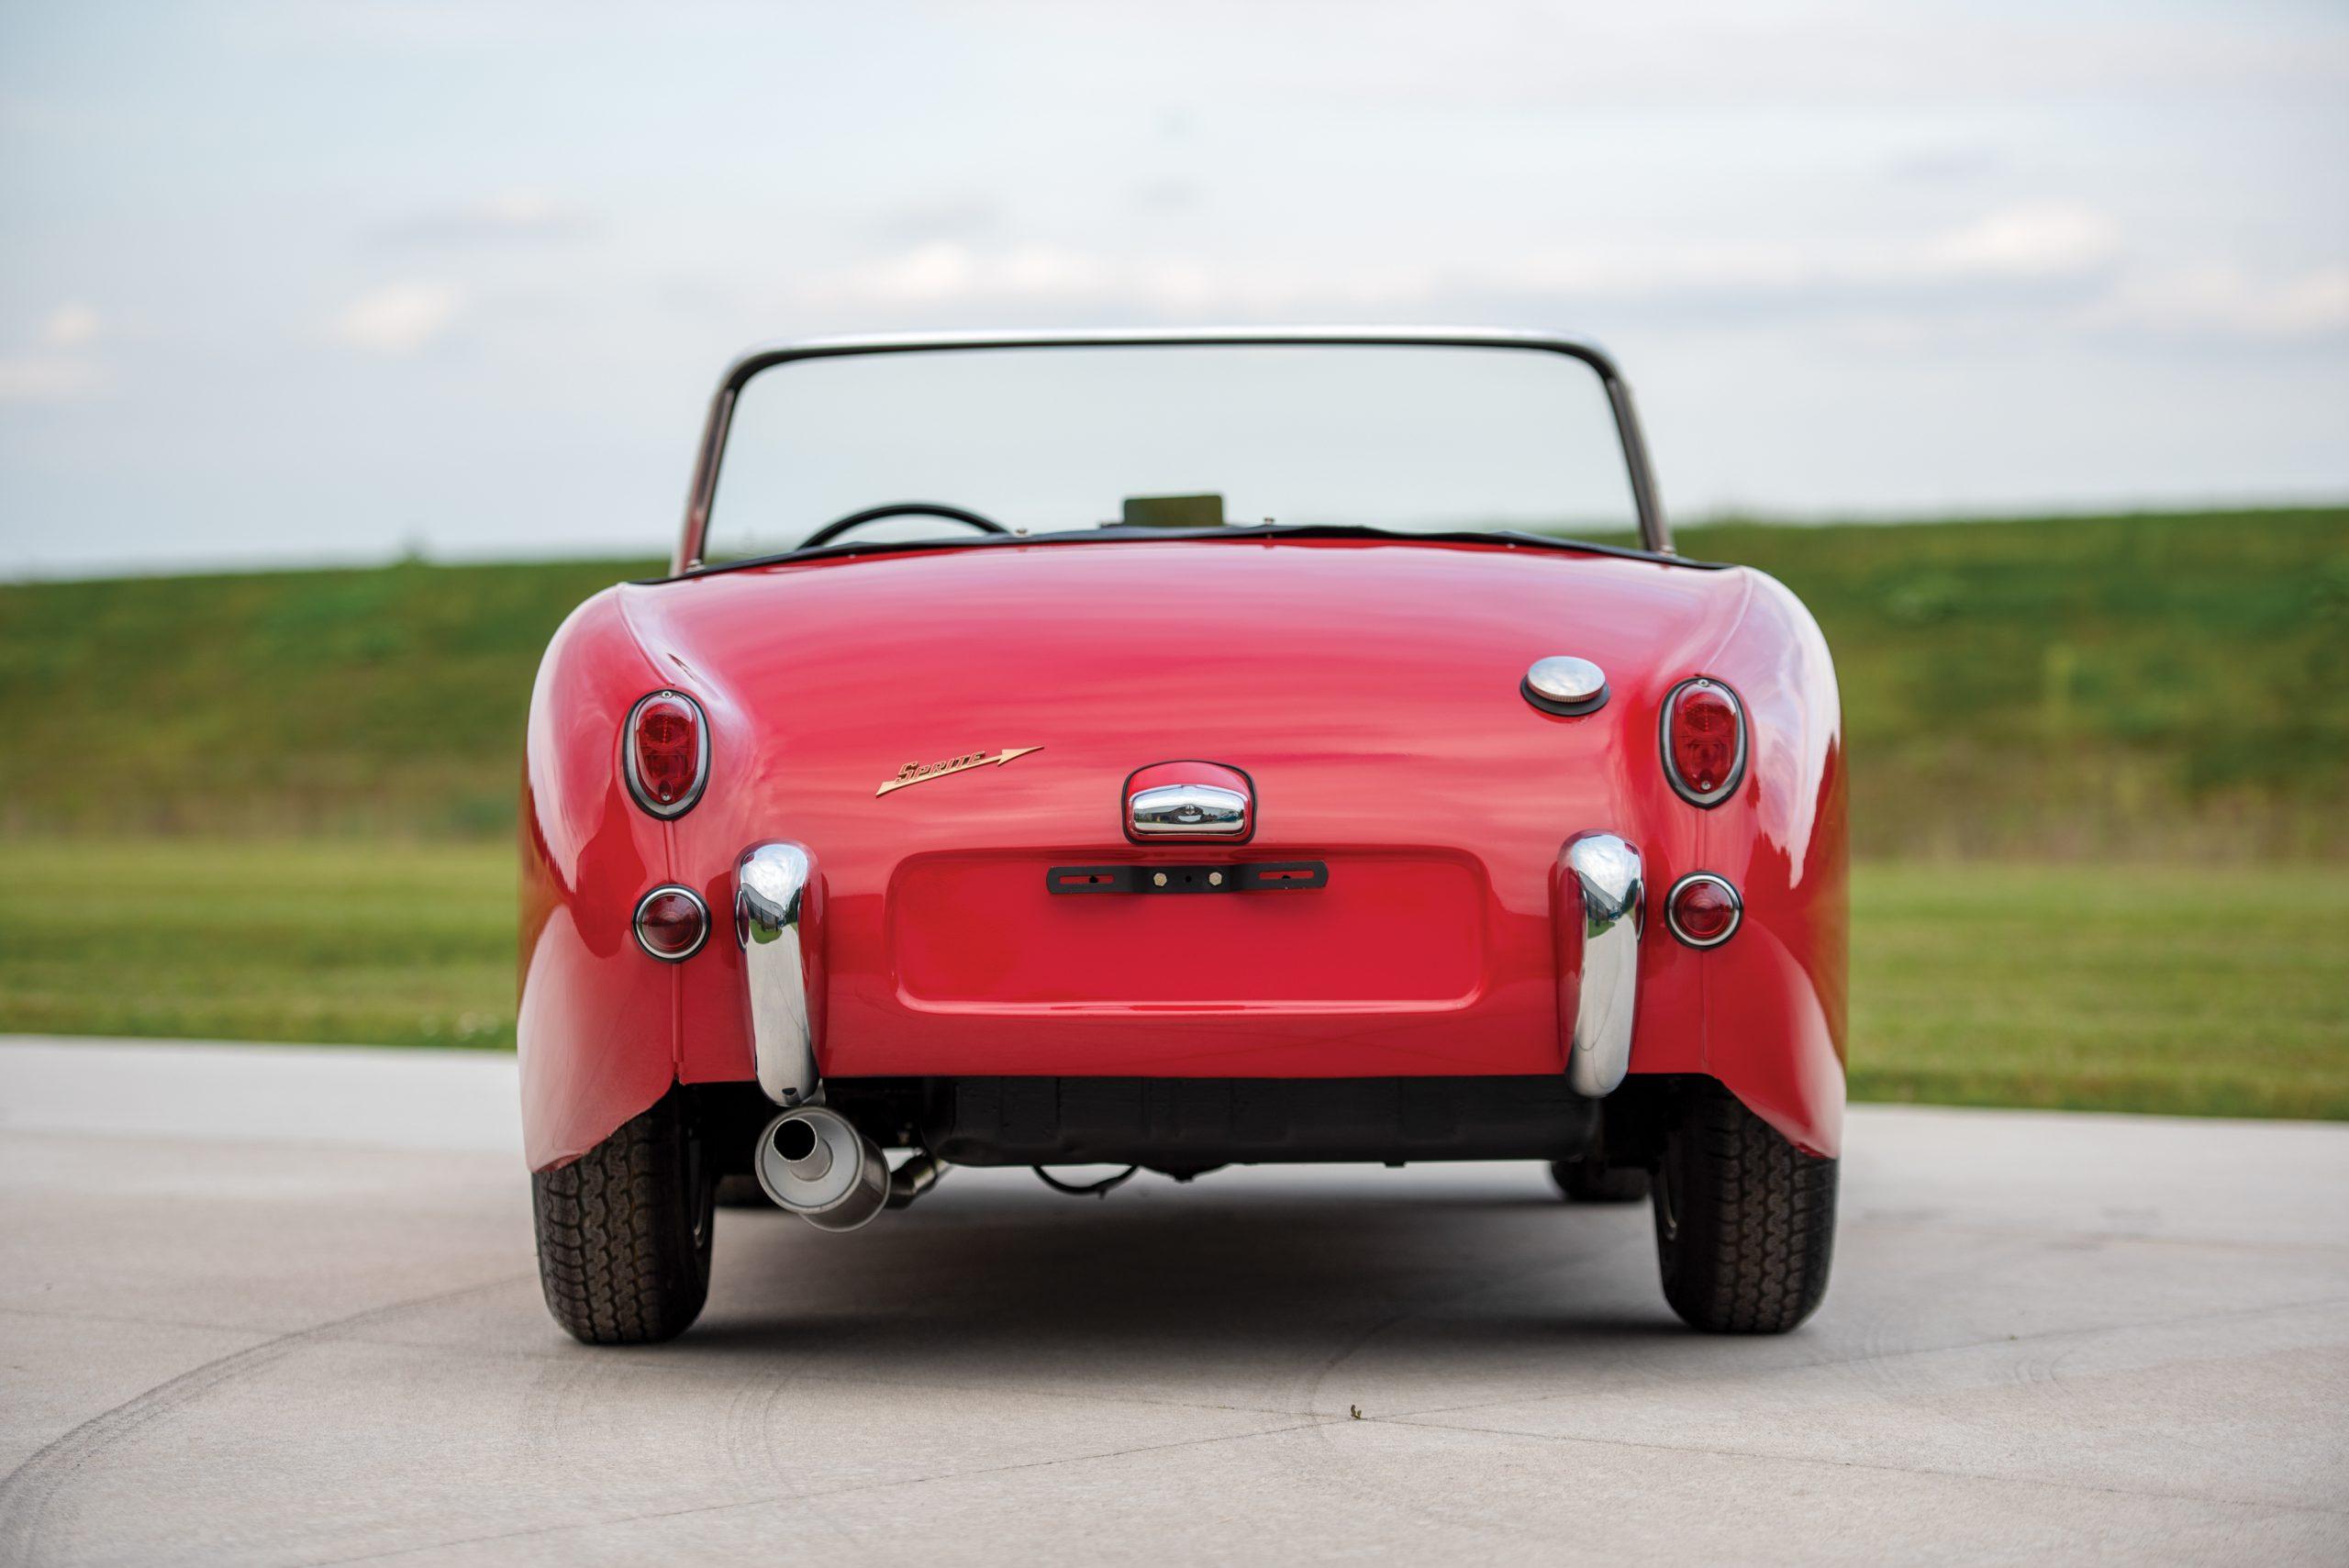 1959 Austin Healey Sprite Bugeye rear